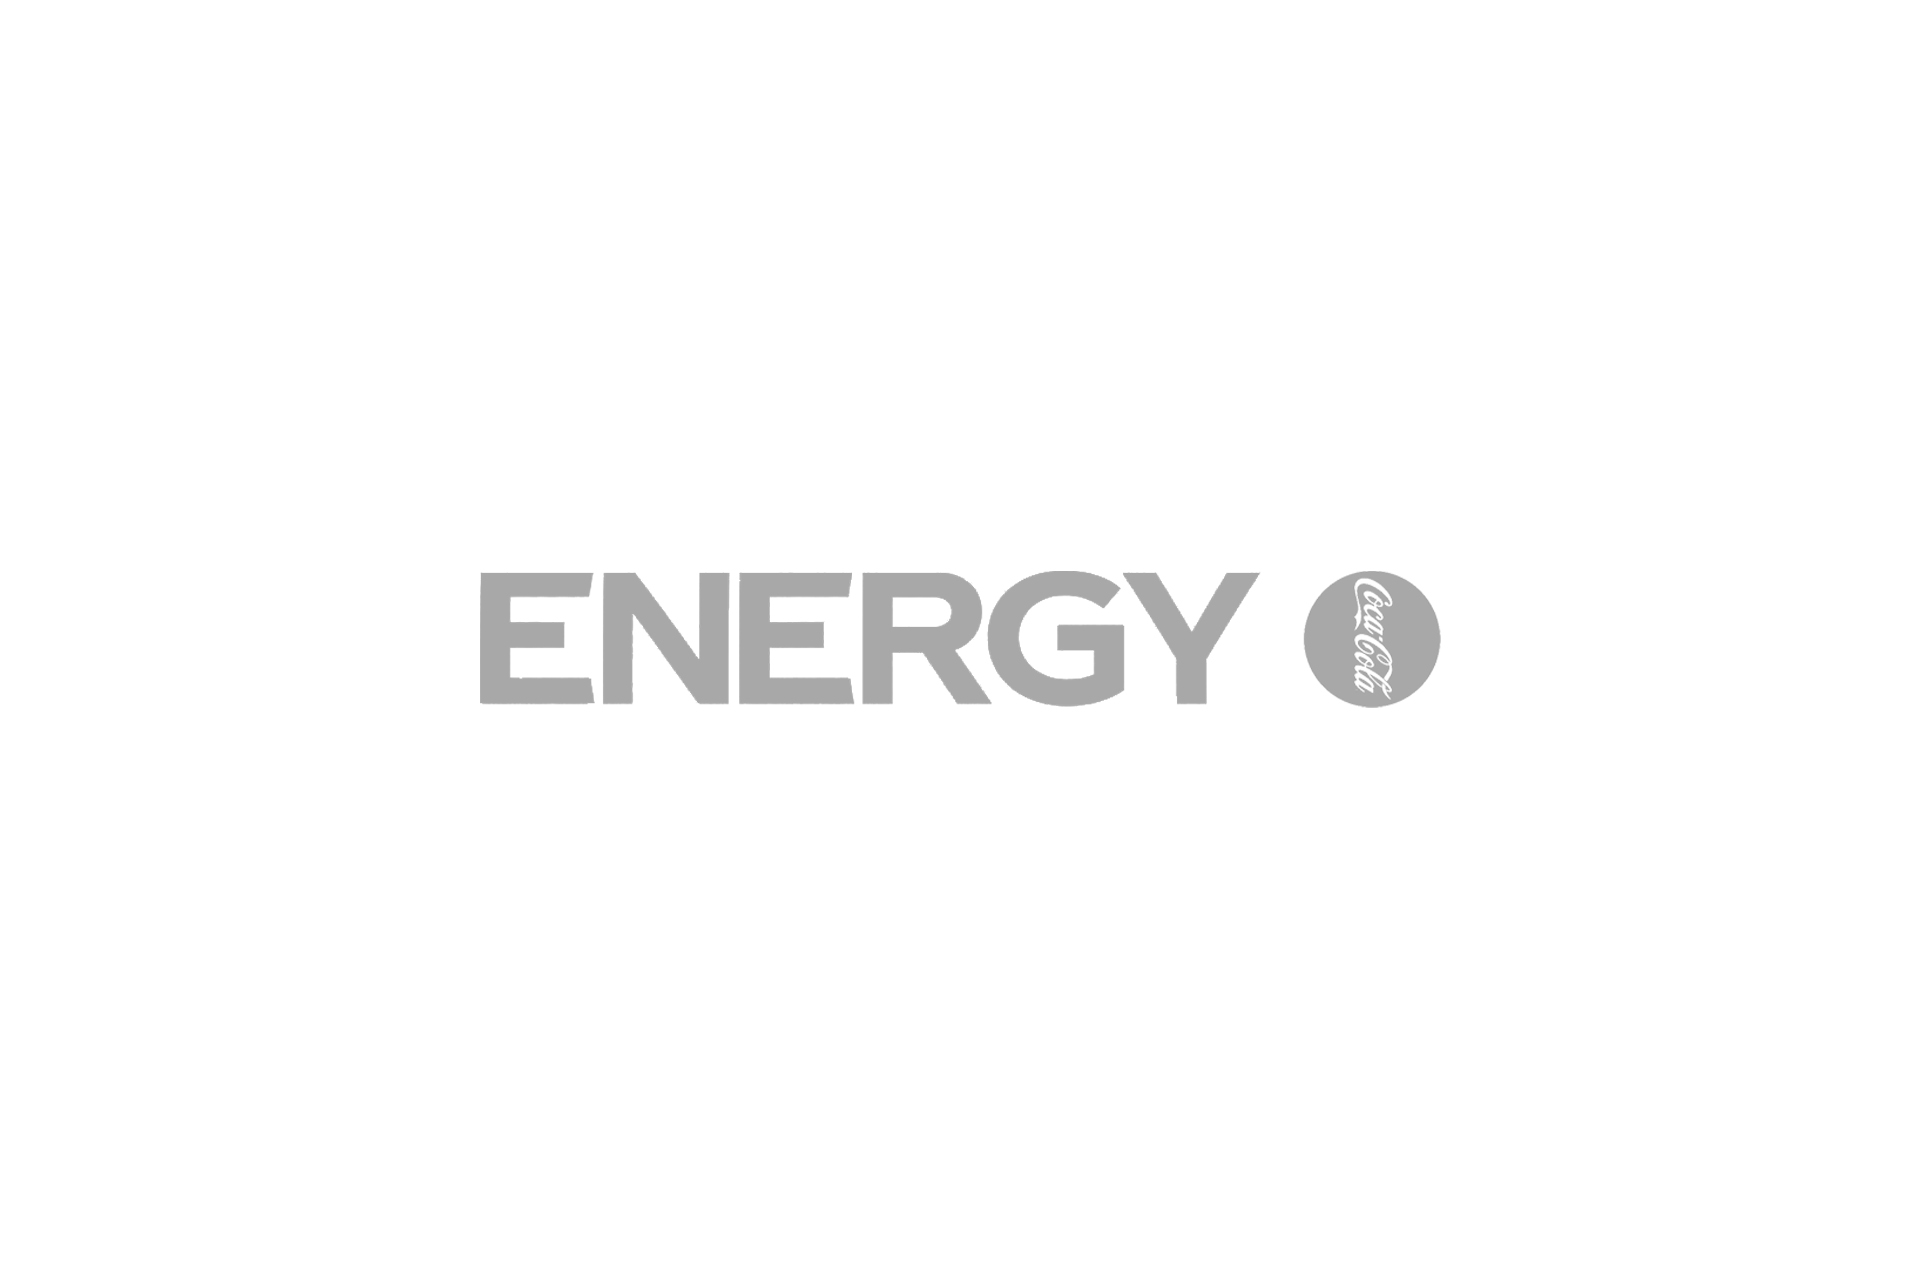 coca cola energy logo grey